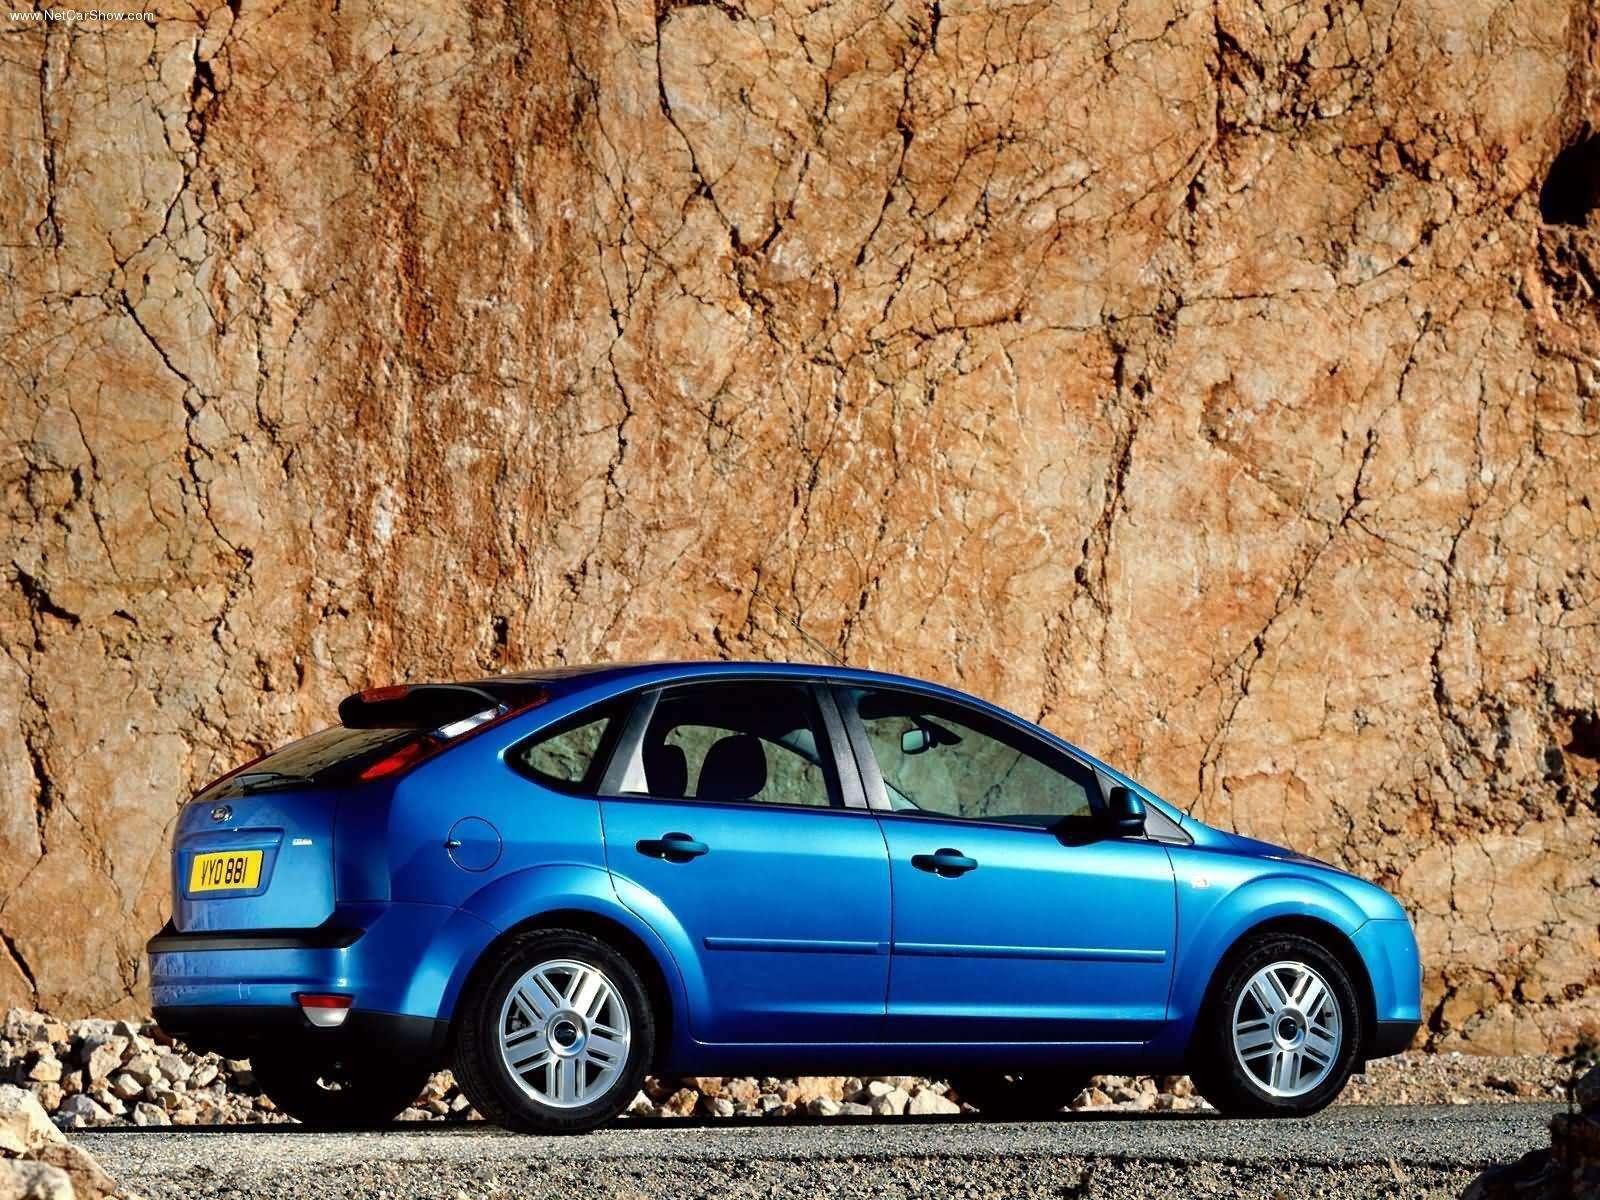 Ford-Focus_TDCi_5door_European_Version_2004_1600x1200_wallpaper_07